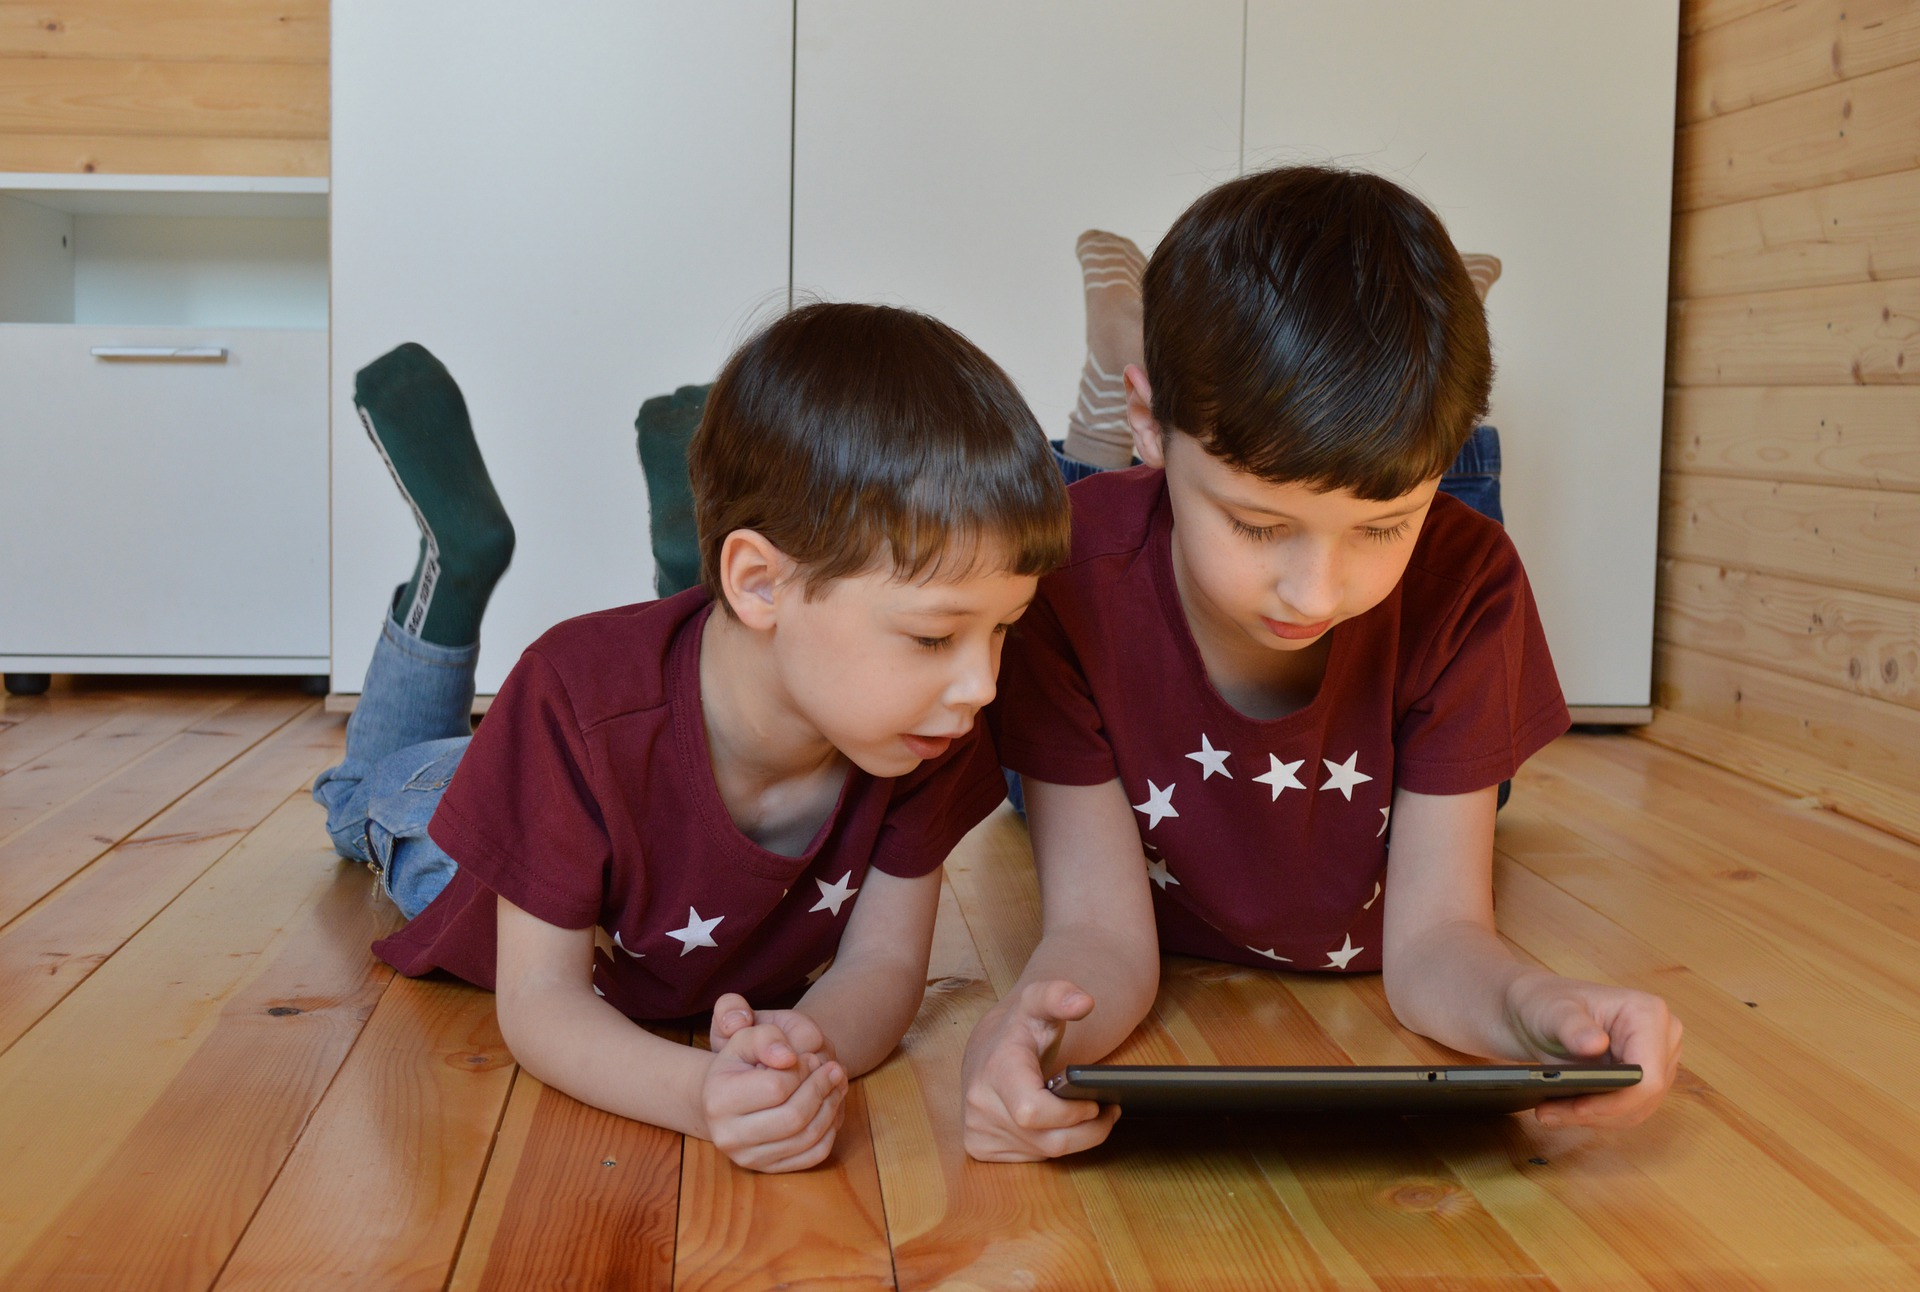 INFOGRAFÍA: Seis consejos de ciberseguridad para los pequeños